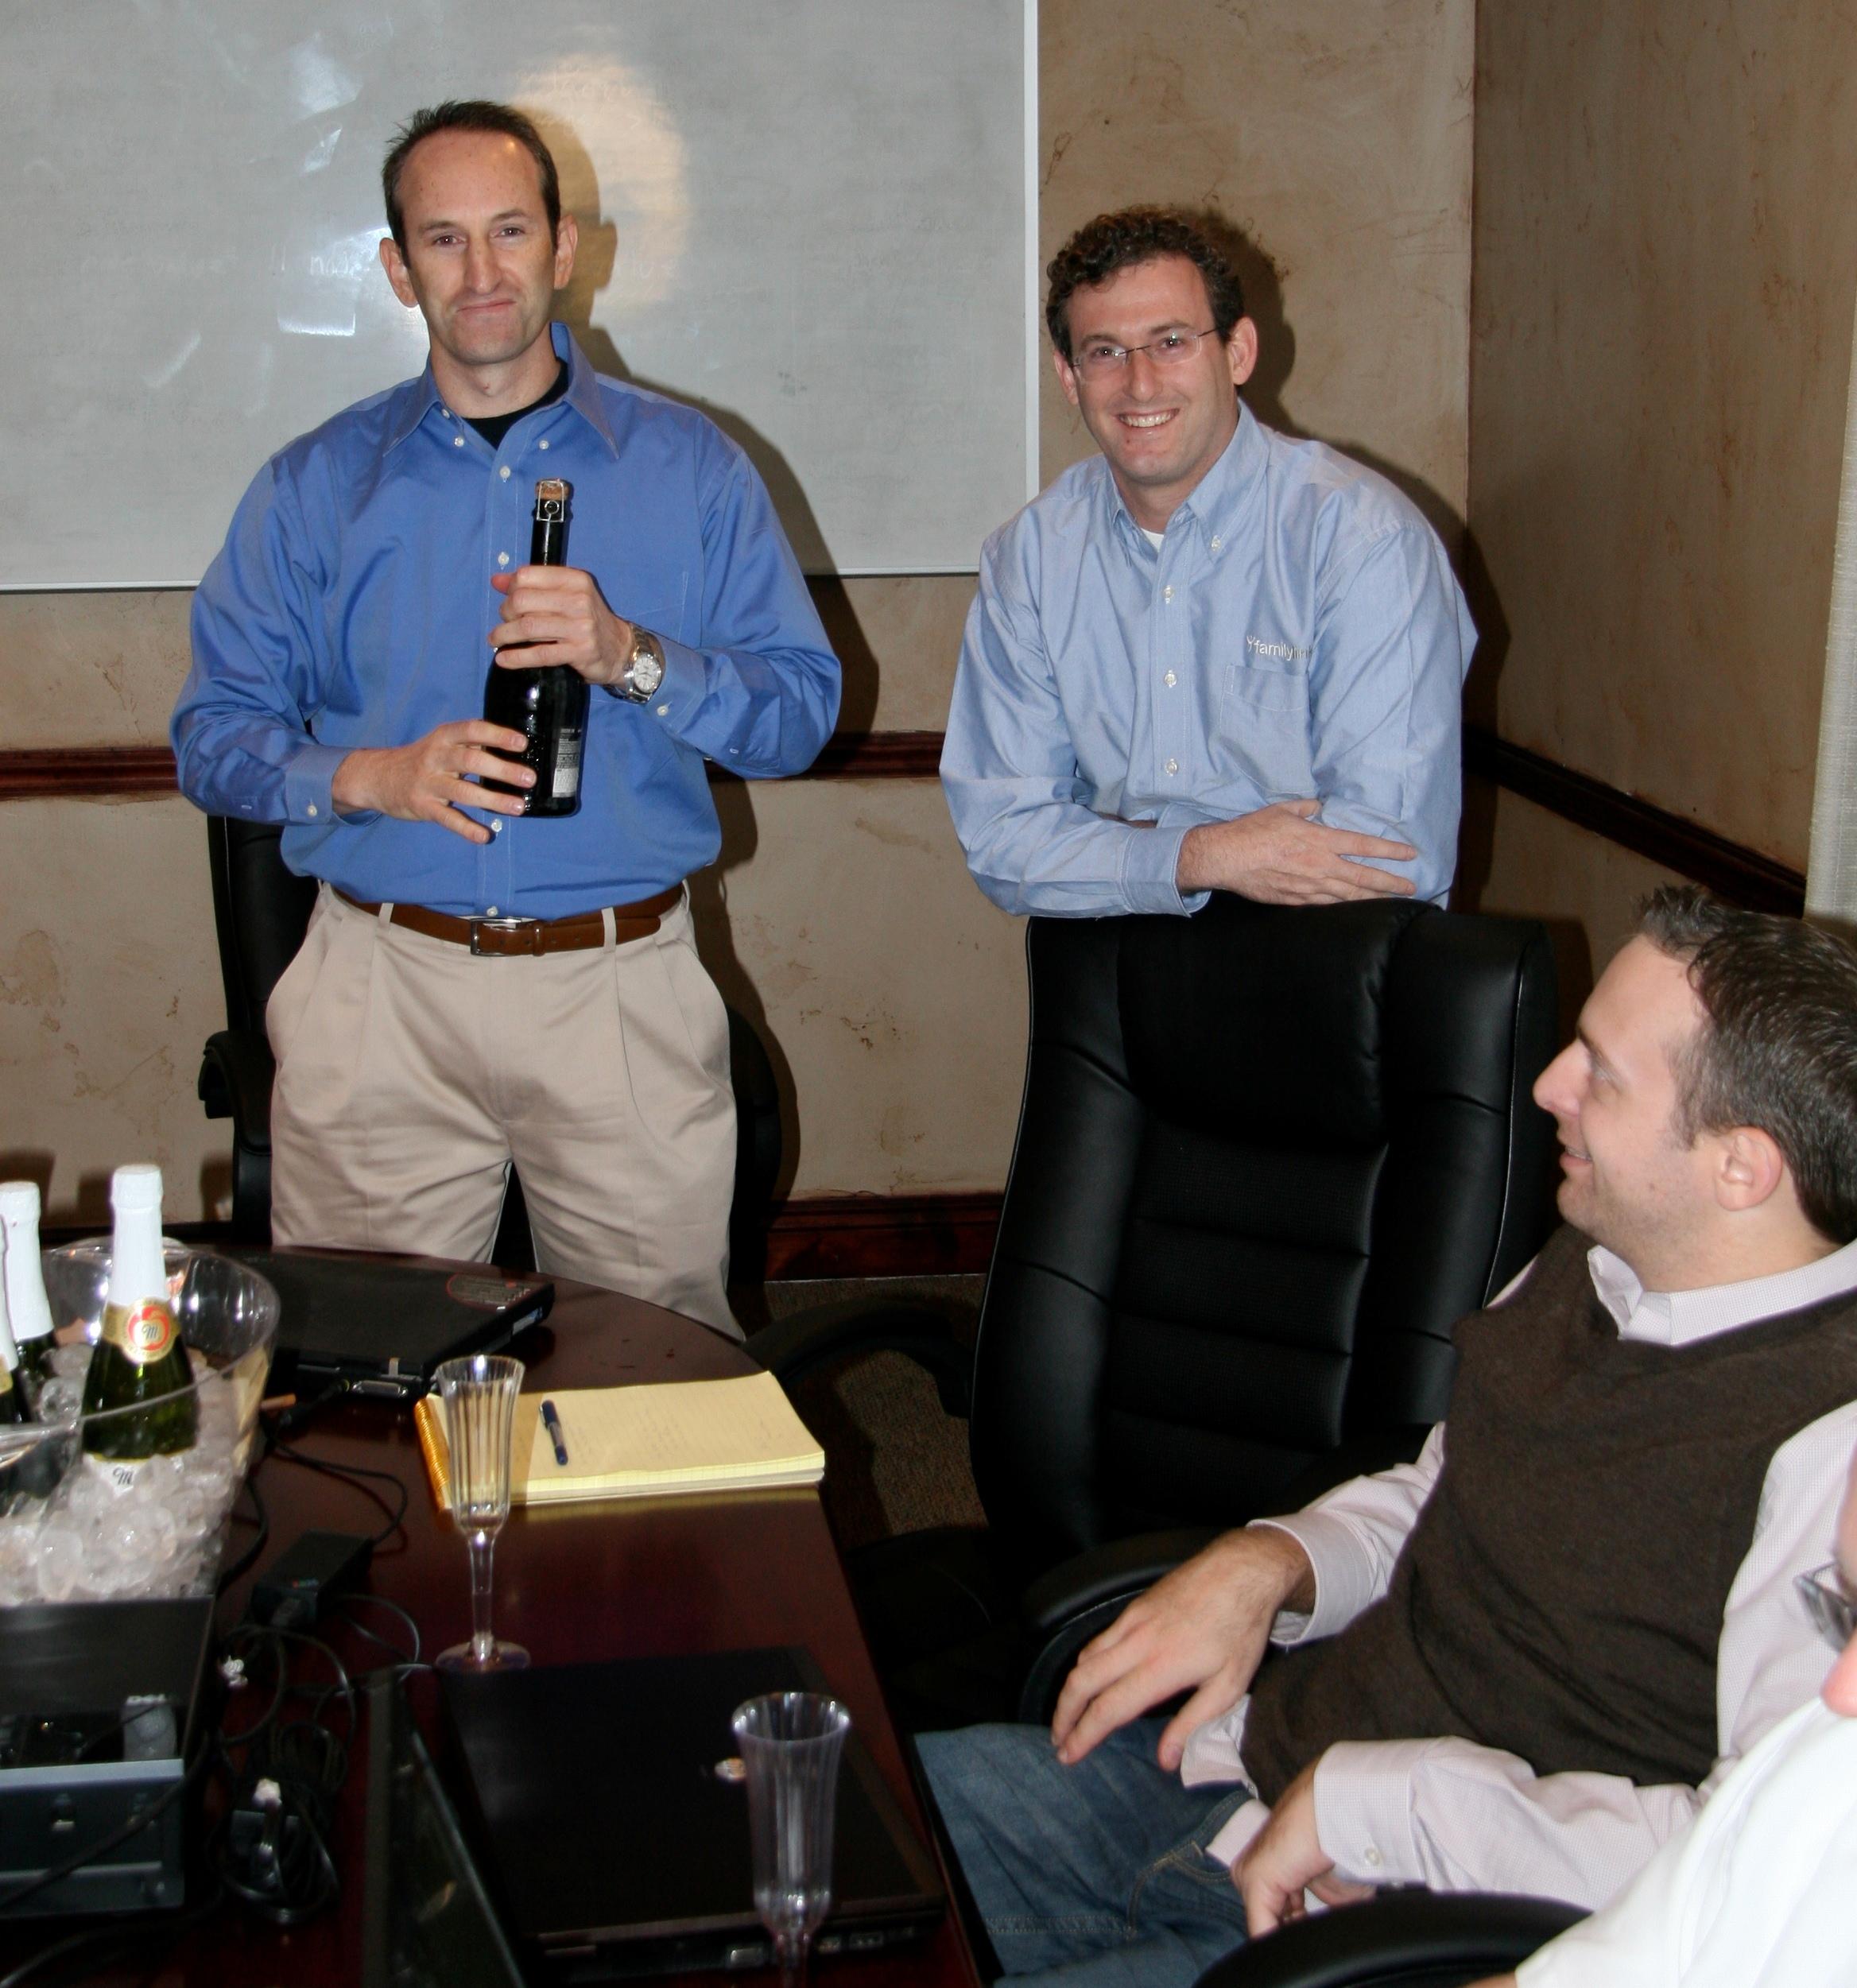 Gilad Japhet (fundador e CEO) e Yuval Ben-Galim (EVP de R & D e Operações) estalando o champanhe